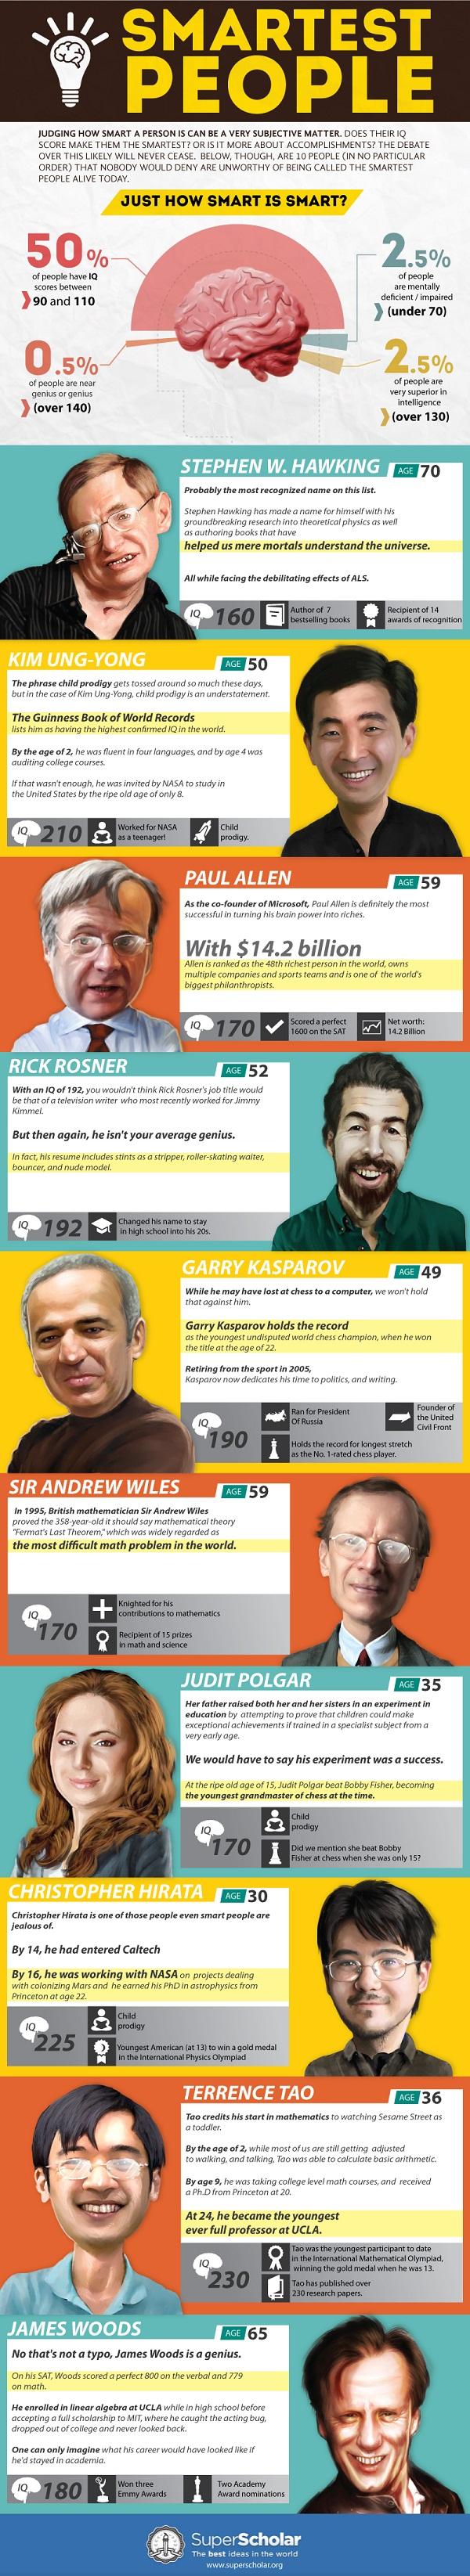 los 10 mas inteligentes del mundo